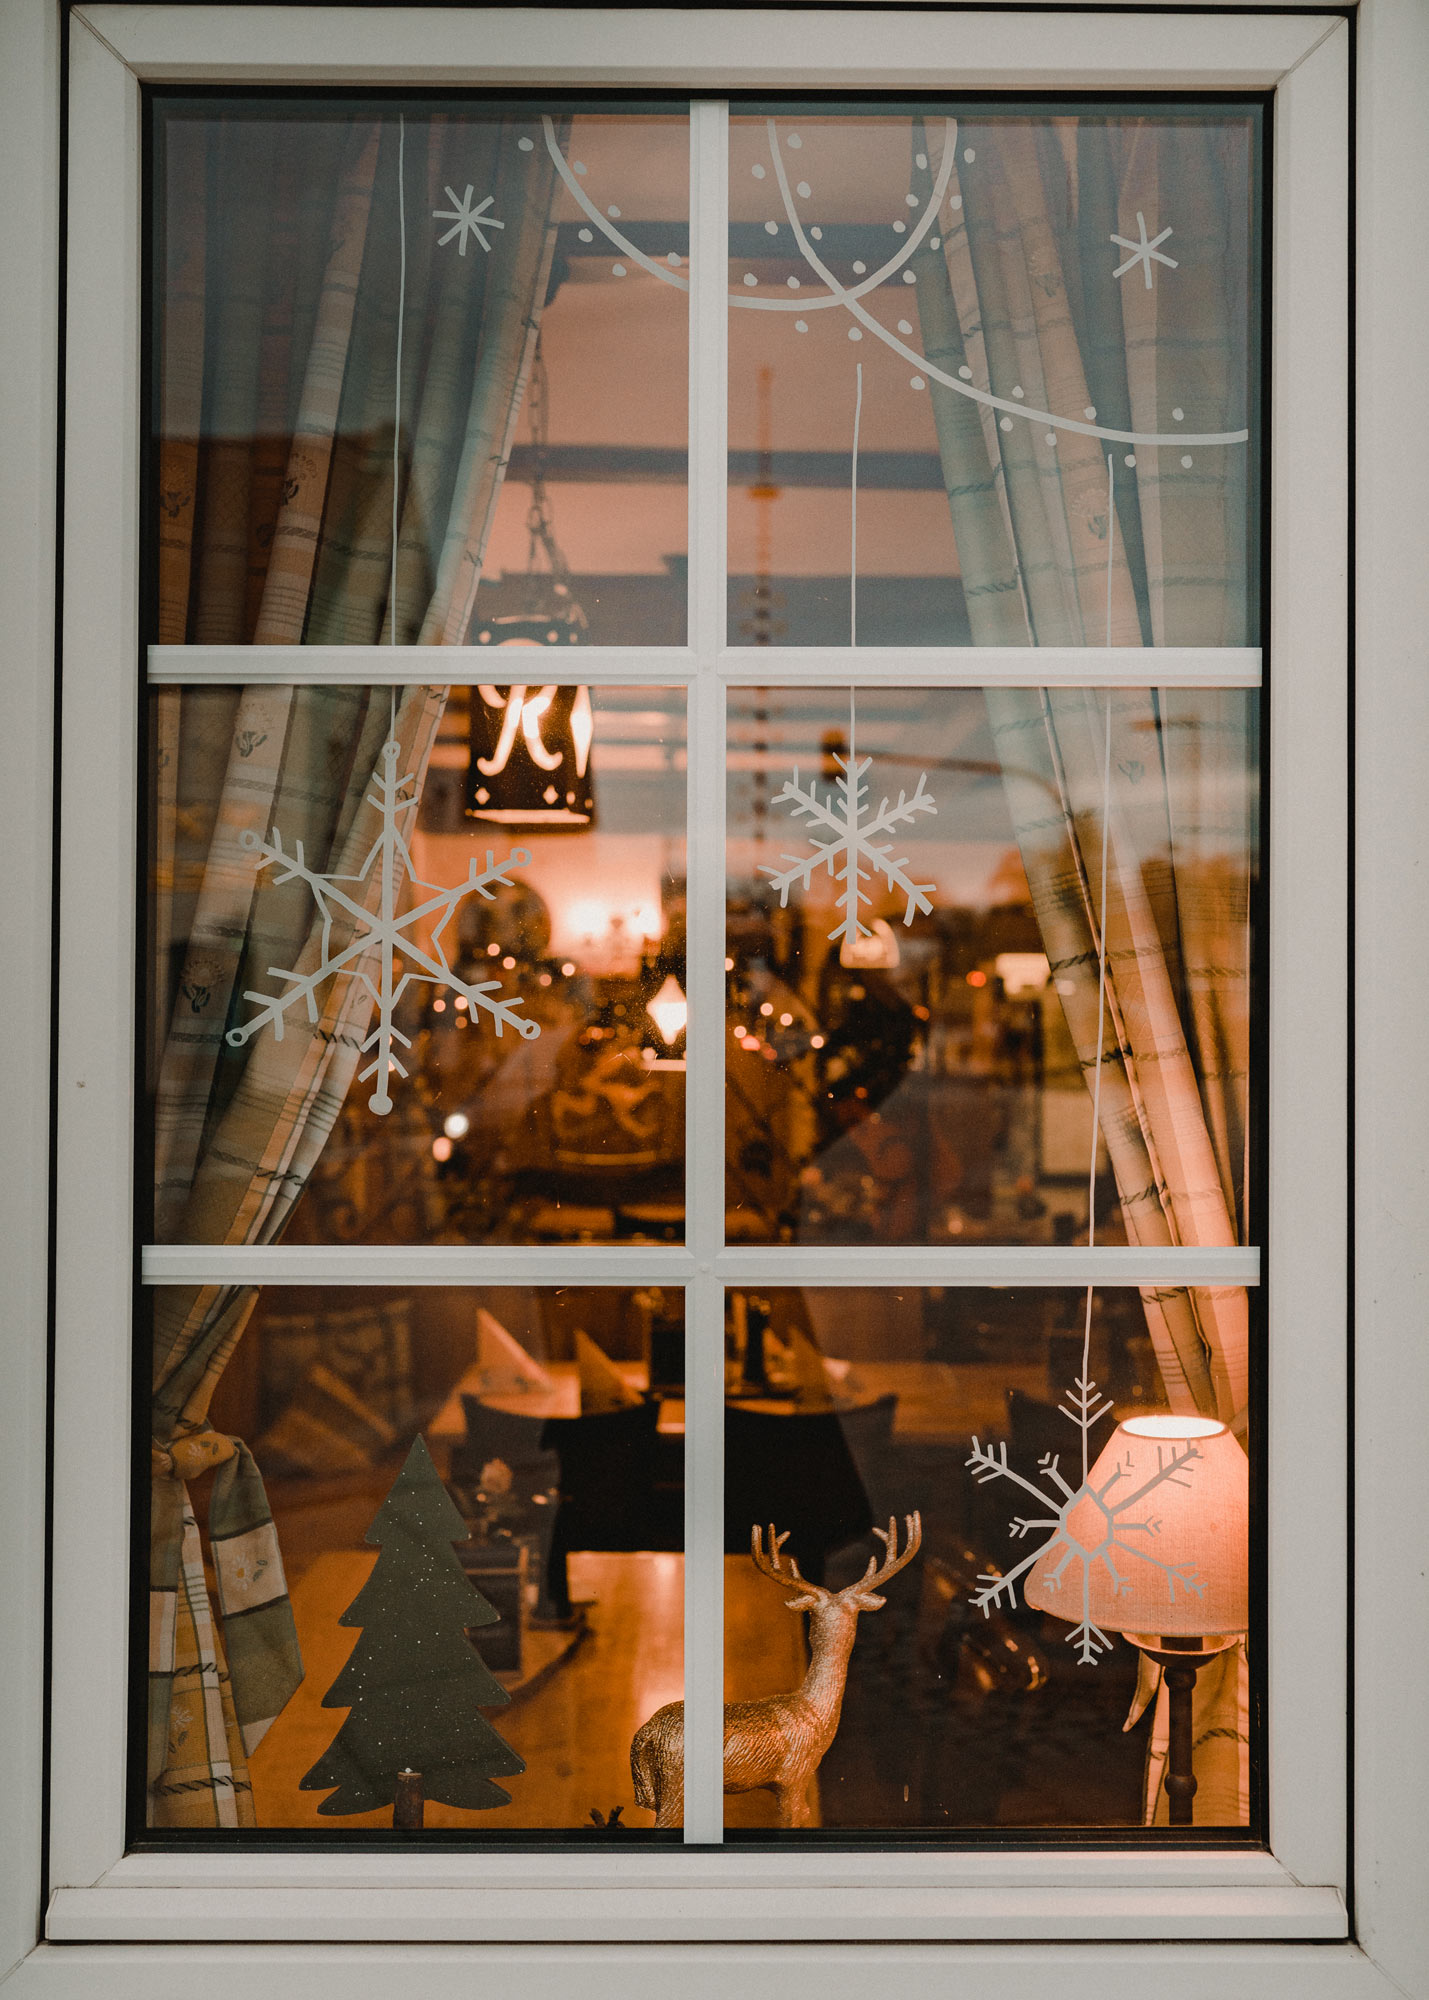 Gasthausfenster mit weißer Bemalung: Lichtergirlanden und Schneeflocken.